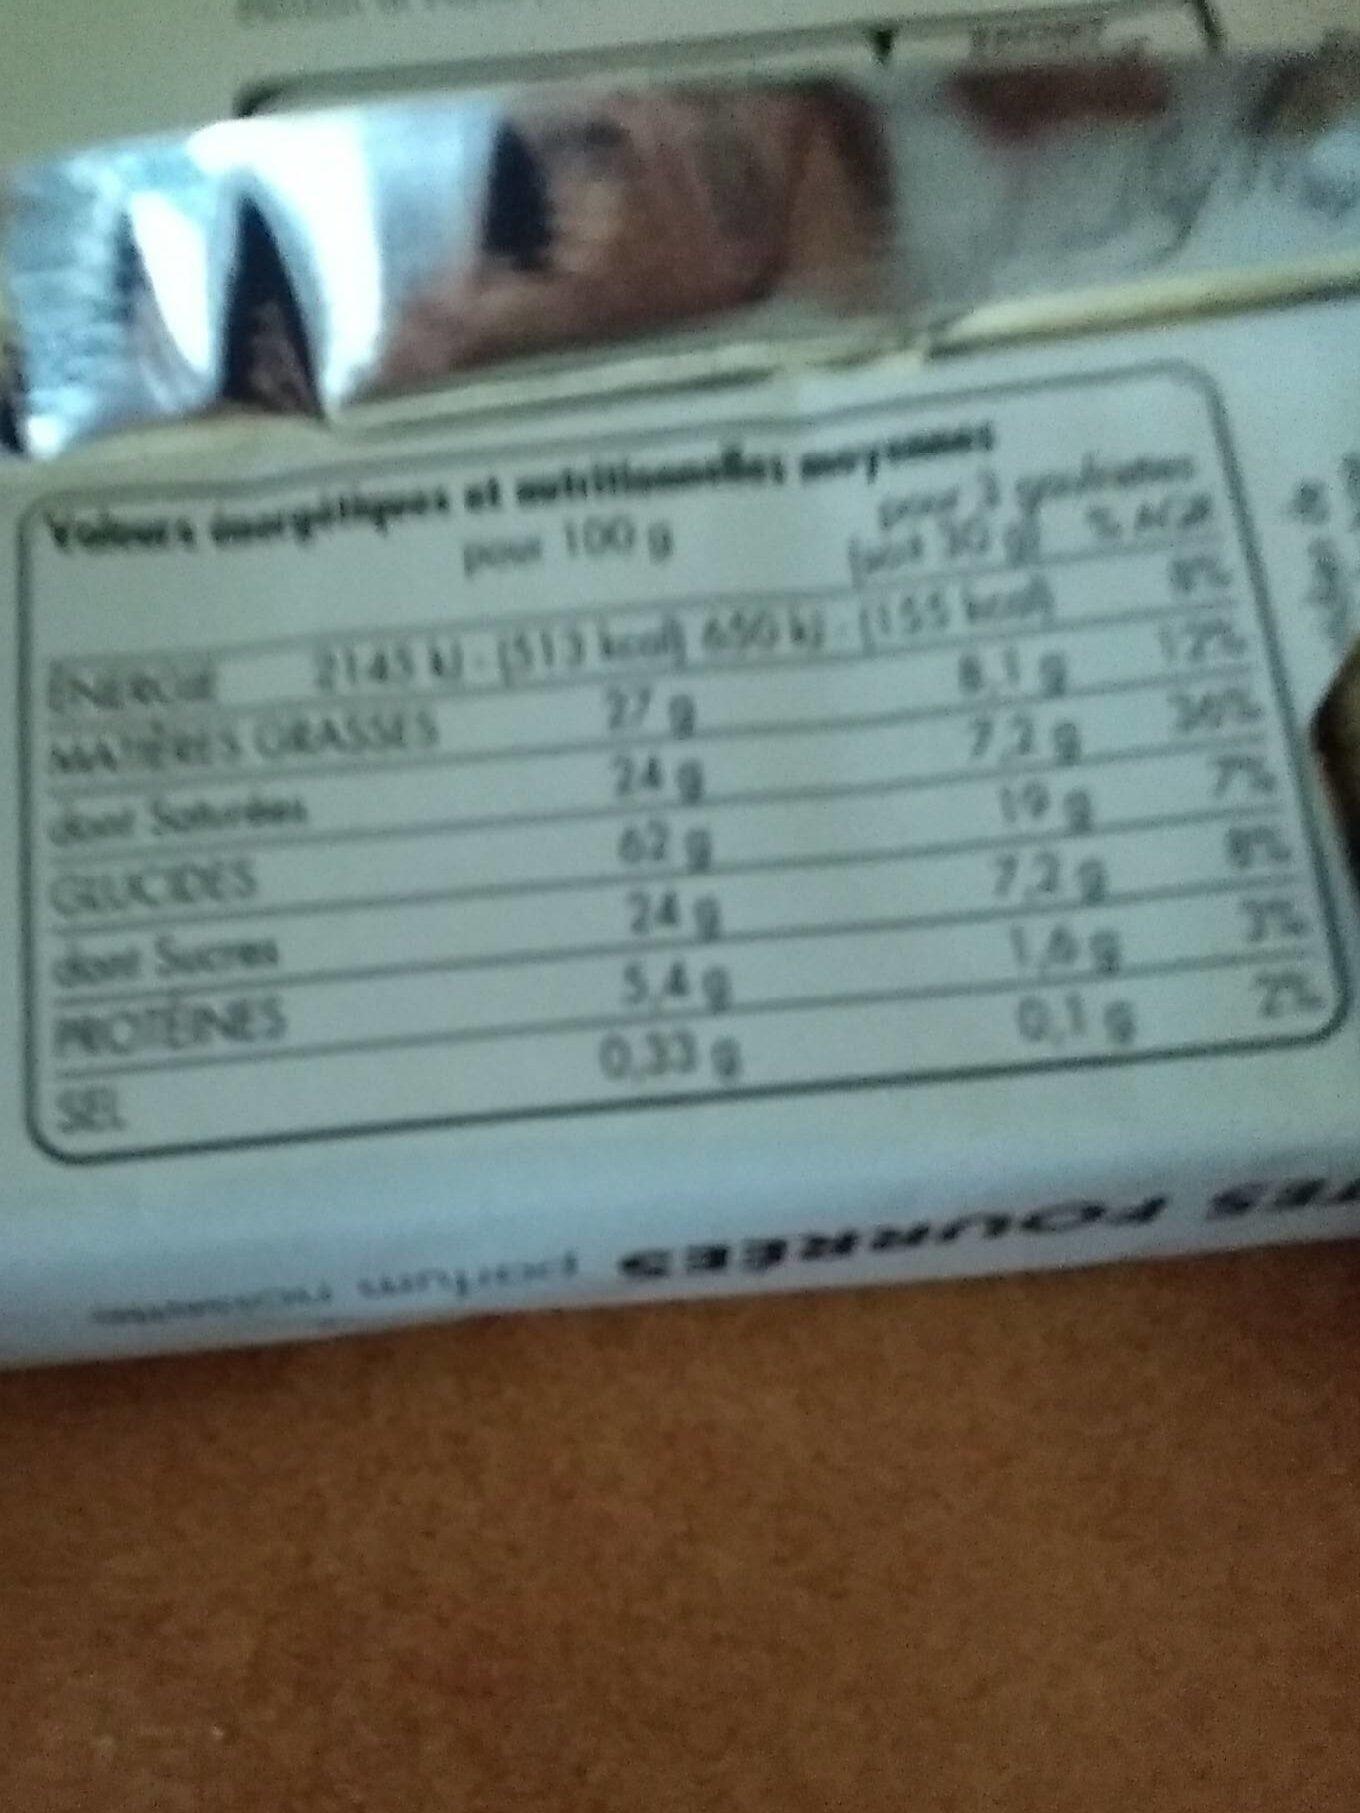 Gaufrettes fourrées parfum noisette - Nutrition facts - fr